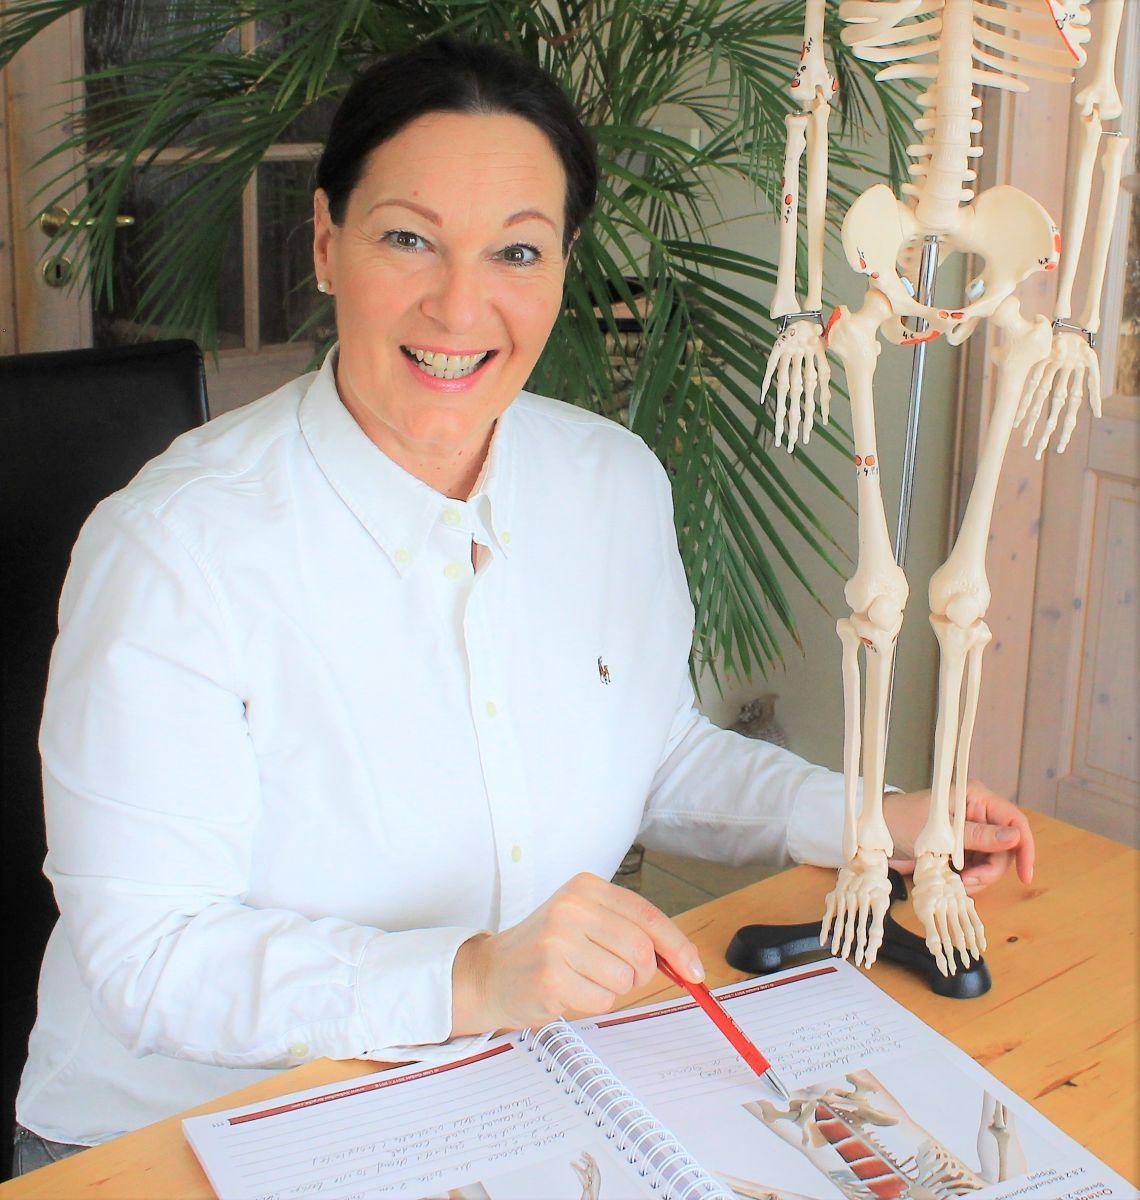 Das Foto zeigt Christina Kiefer aus Coburg sitzend an einem Schreibtisch. Sie lacht in die Kamera und zeigt mit einem Stift in einem Buch auf eine Abbildung. Neben der anderen Hand steht ein Modellskelett. Sie hat dunkelbraune Haare, die sie als Zopf träg